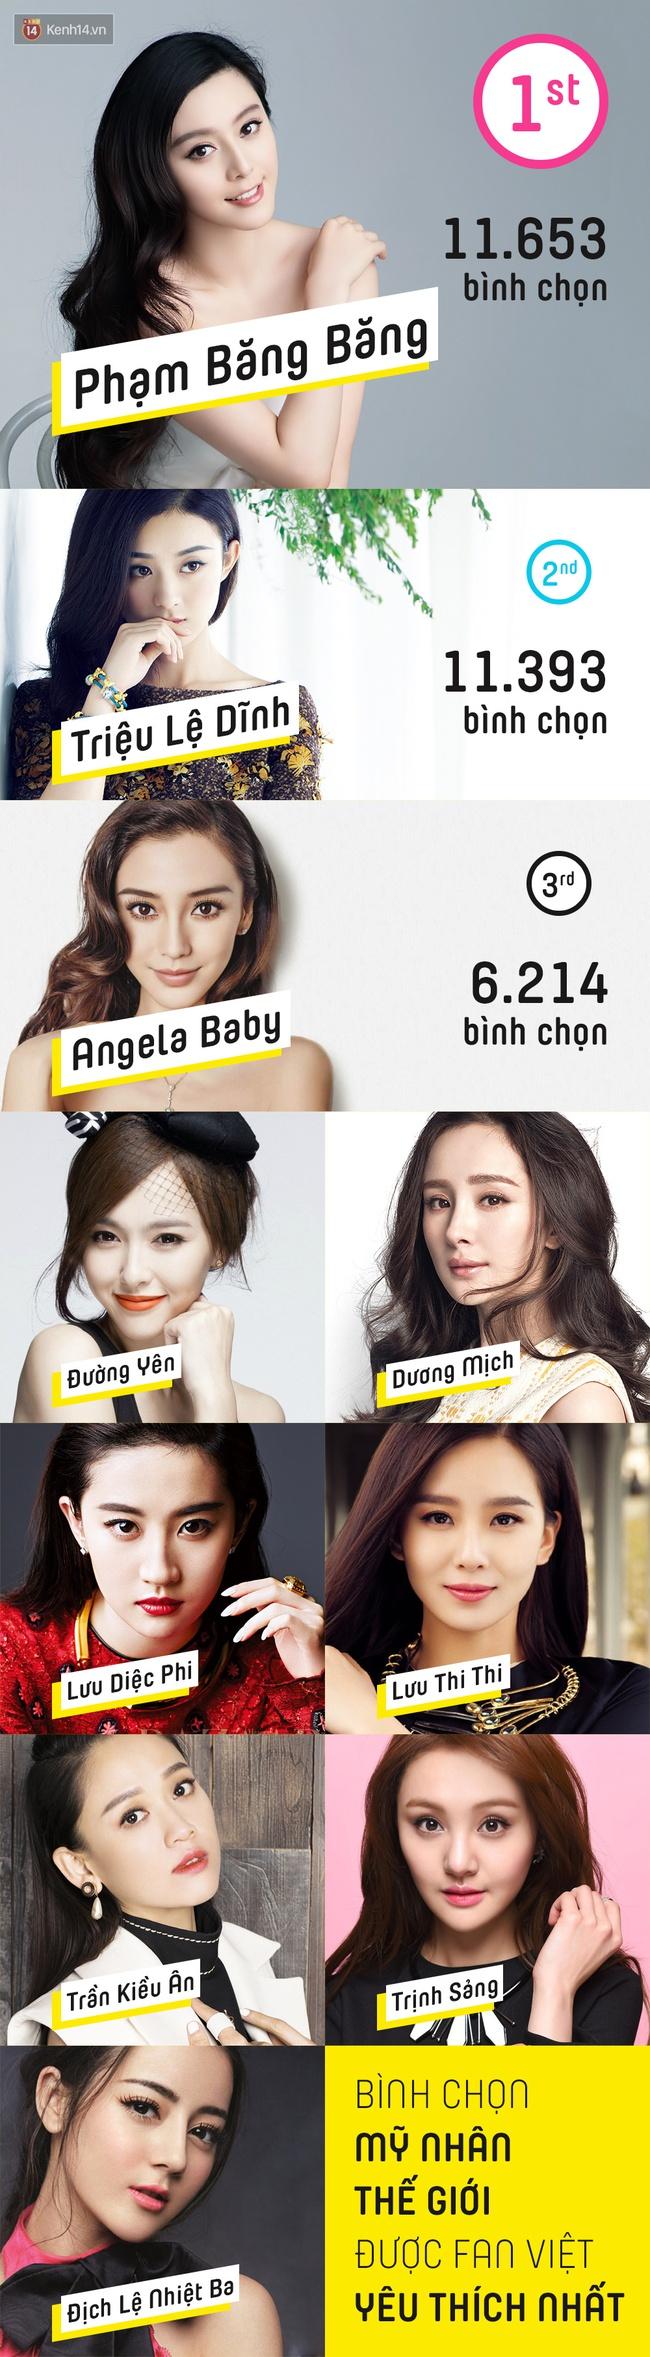 Mỹ nhân được fan Việt yêu thích nhất 2016: Jiyeon hay Krystal vẫn bại trận trước nữ thần Yoona! - Ảnh 11.